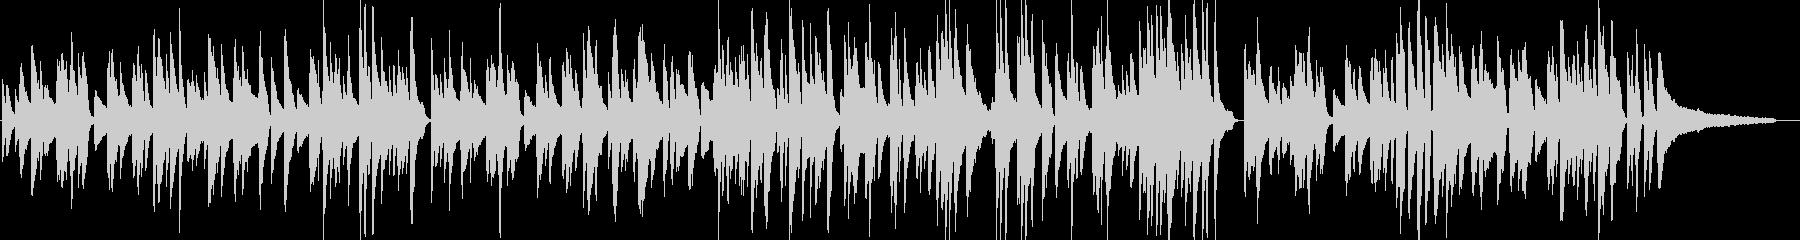 ピアノによる癒し系ジャズバラードの未再生の波形